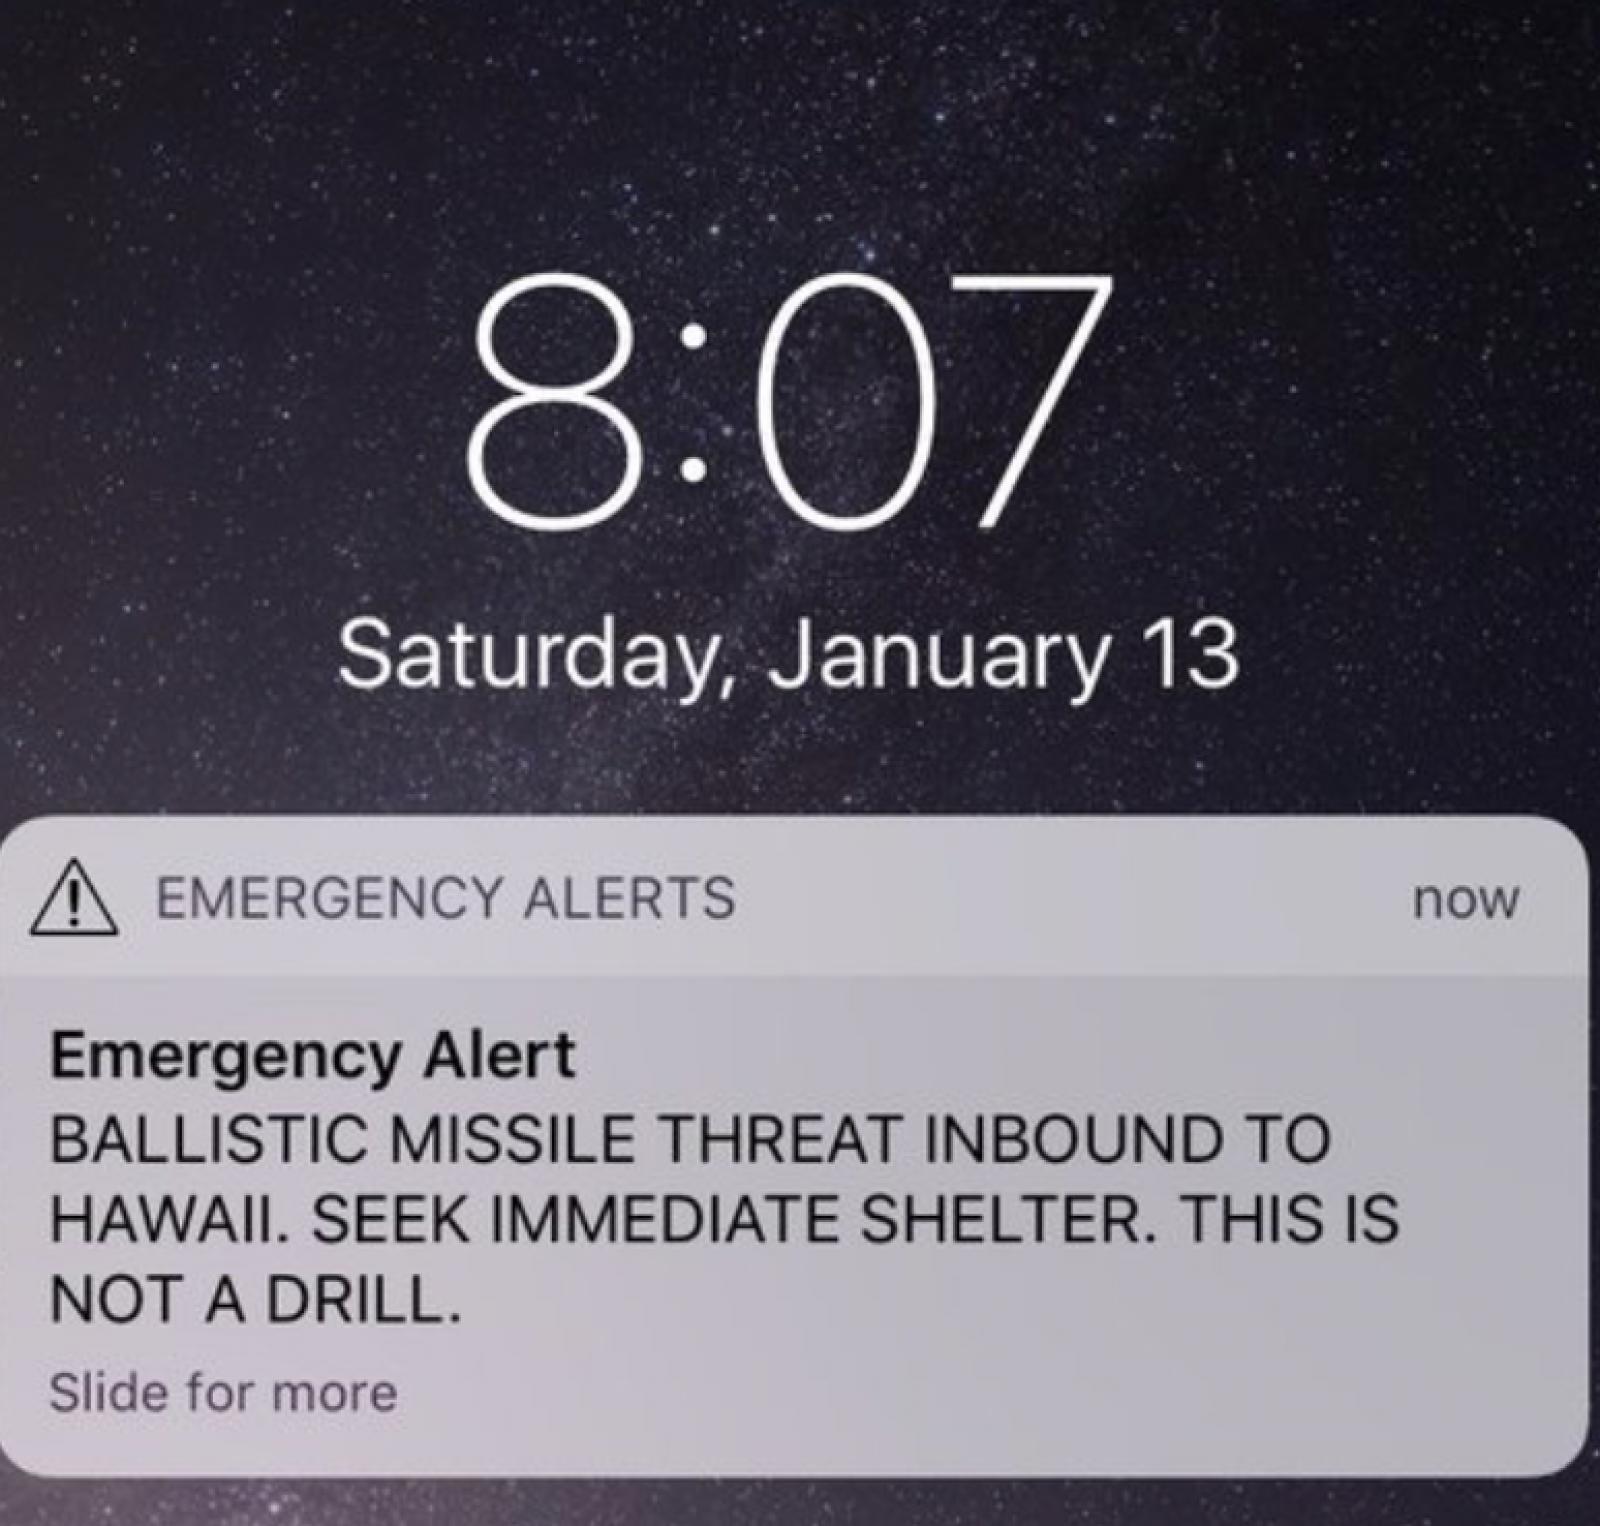 Hawaii: O alertă falsă de atac balistic a produs panică majoră printre localnicii insulei